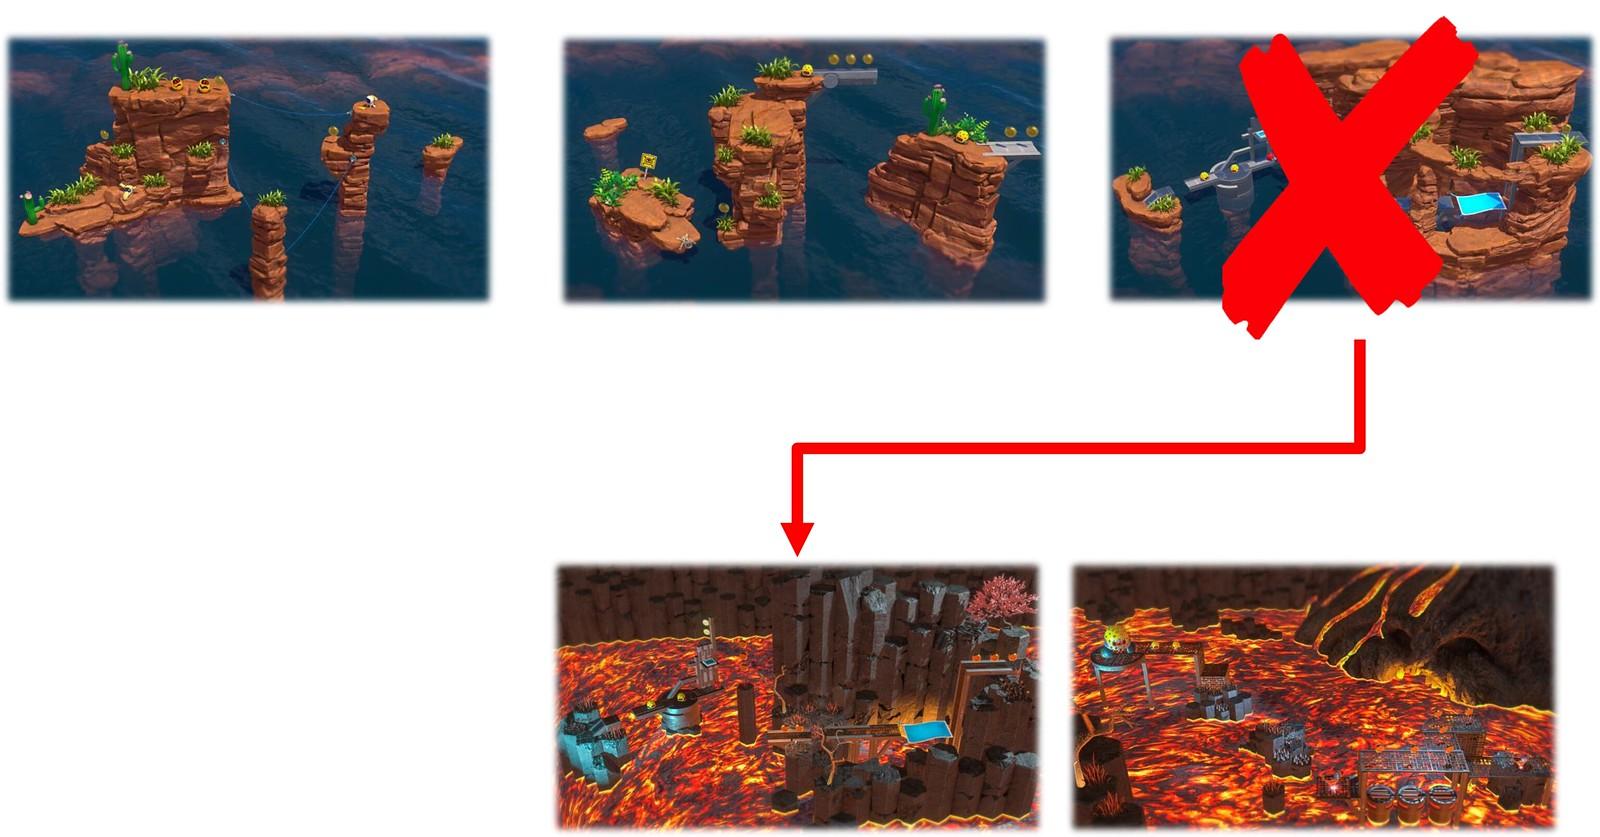 48302459666 3095788457 h - Einst hatte Astro Bot Rescue Mission einen Multiplayer-Modus